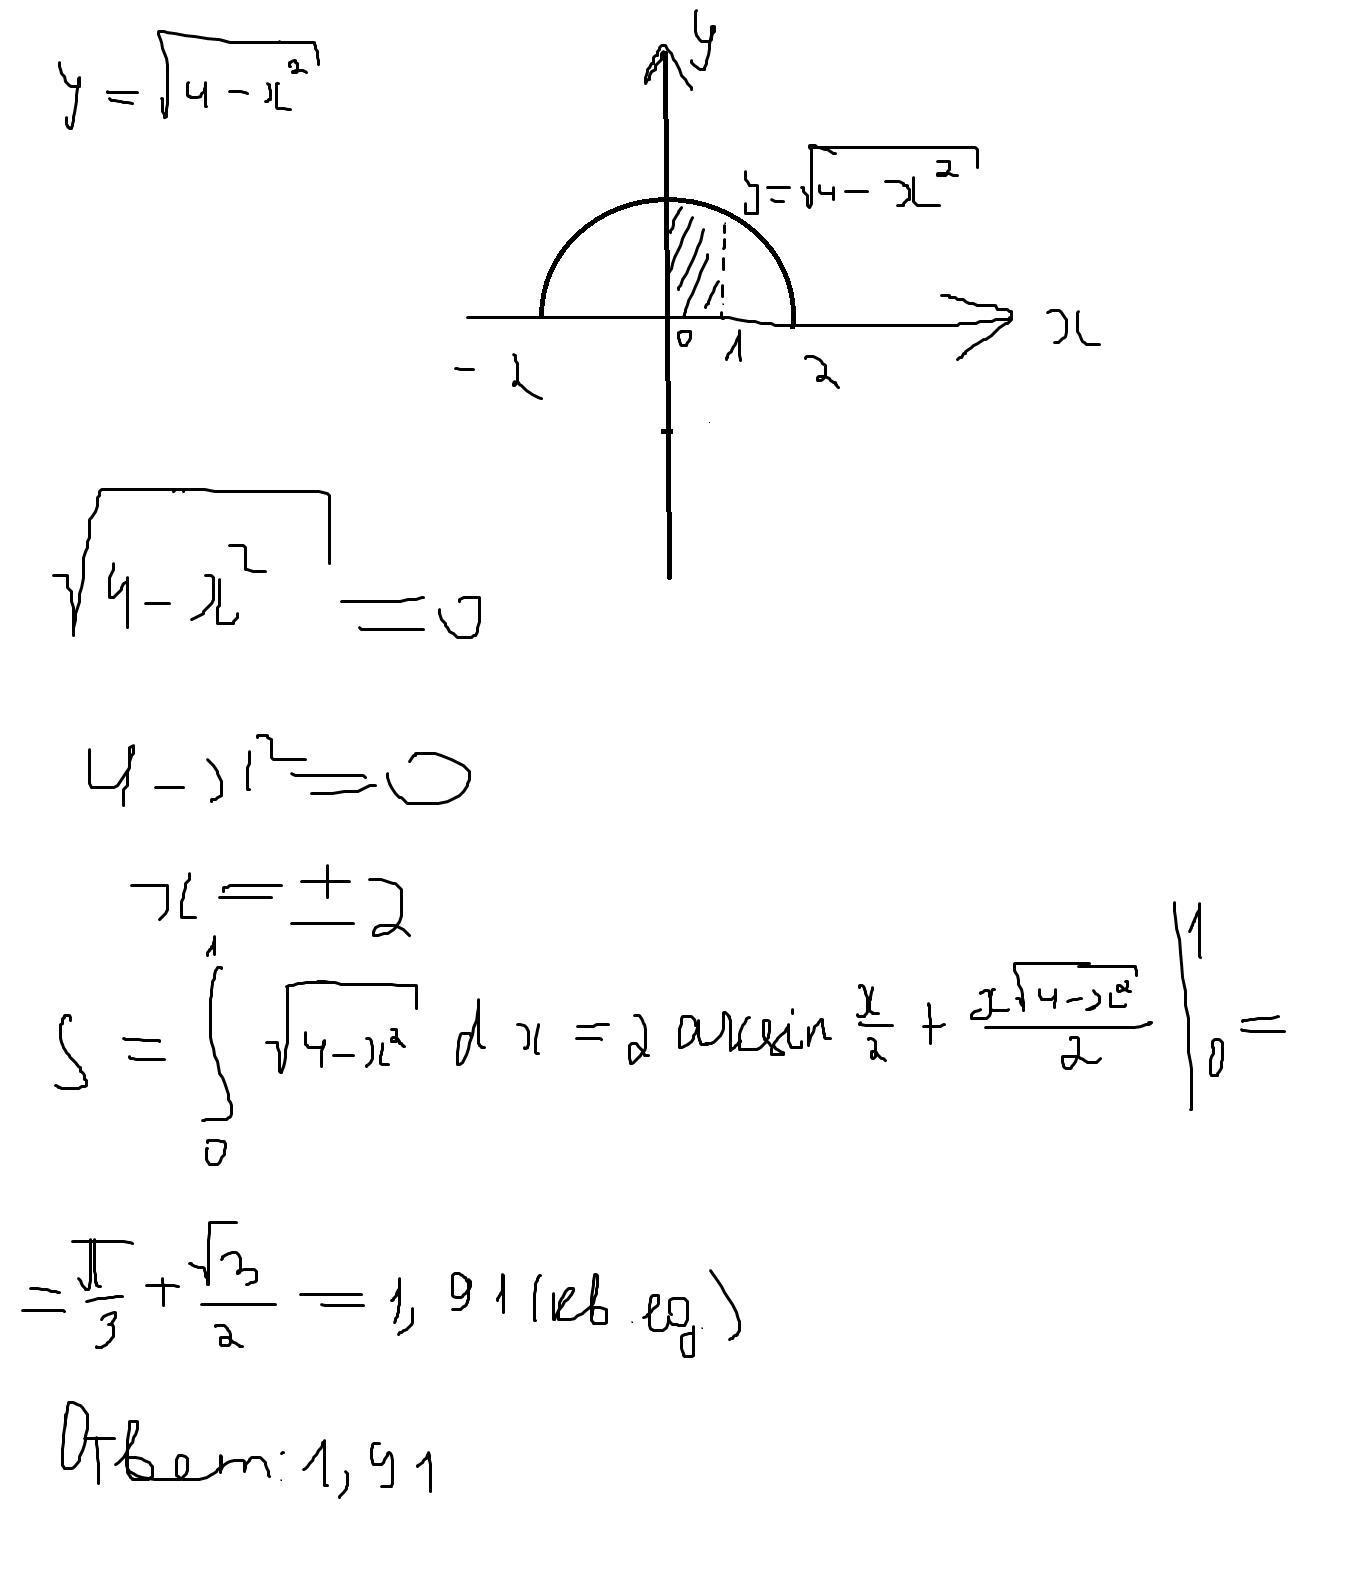 Как вычислить площадь фигуры, ограниченной линиями